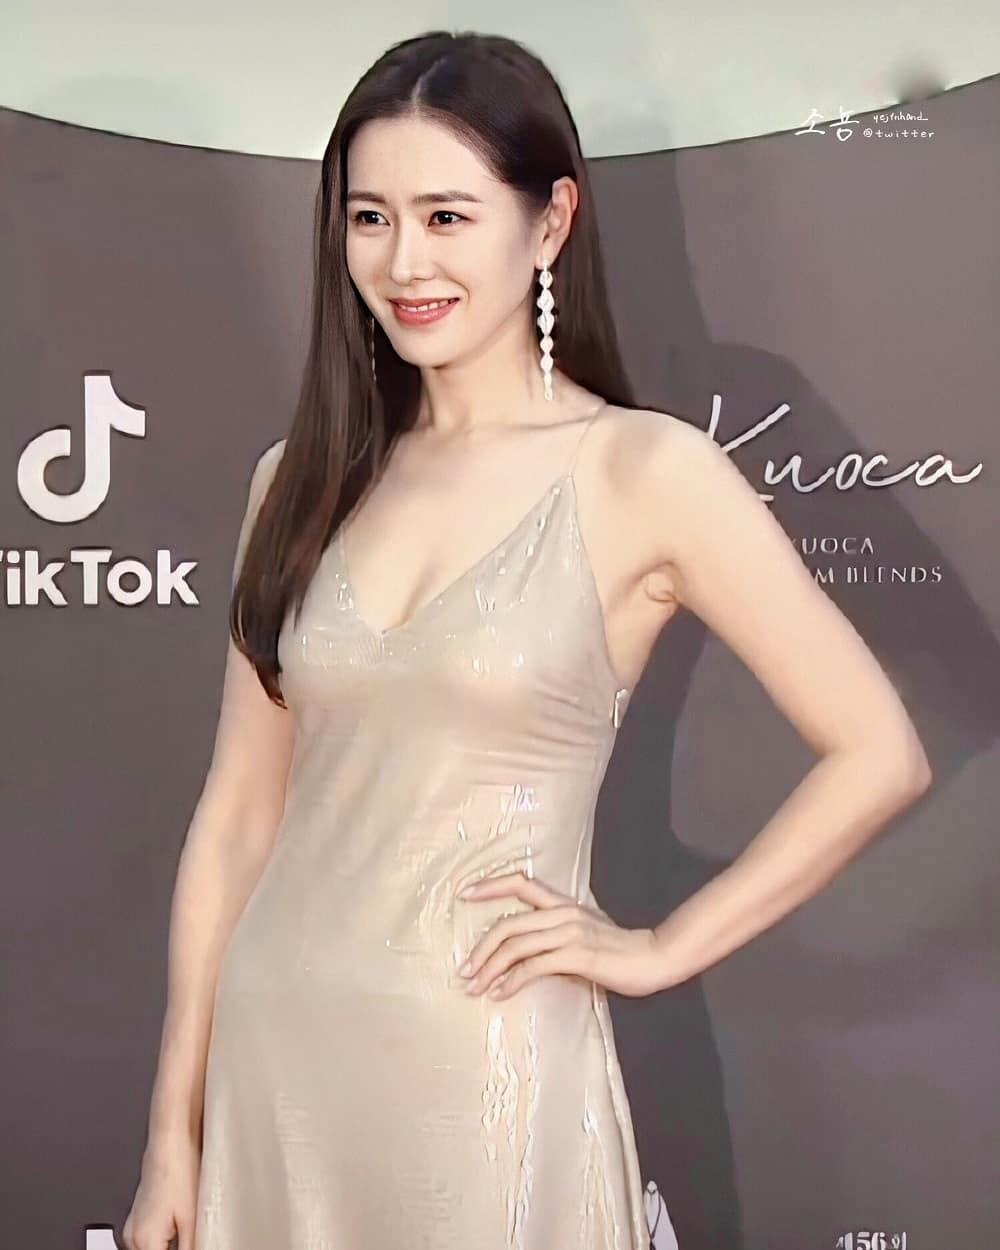 Style của Son Ye Jin trên thảm đỏ Baeksang qua các năm: Ngày càng 'nhạt màu' hơn nhưng độ sang trọng thì tăng theo cấp số nhân 0